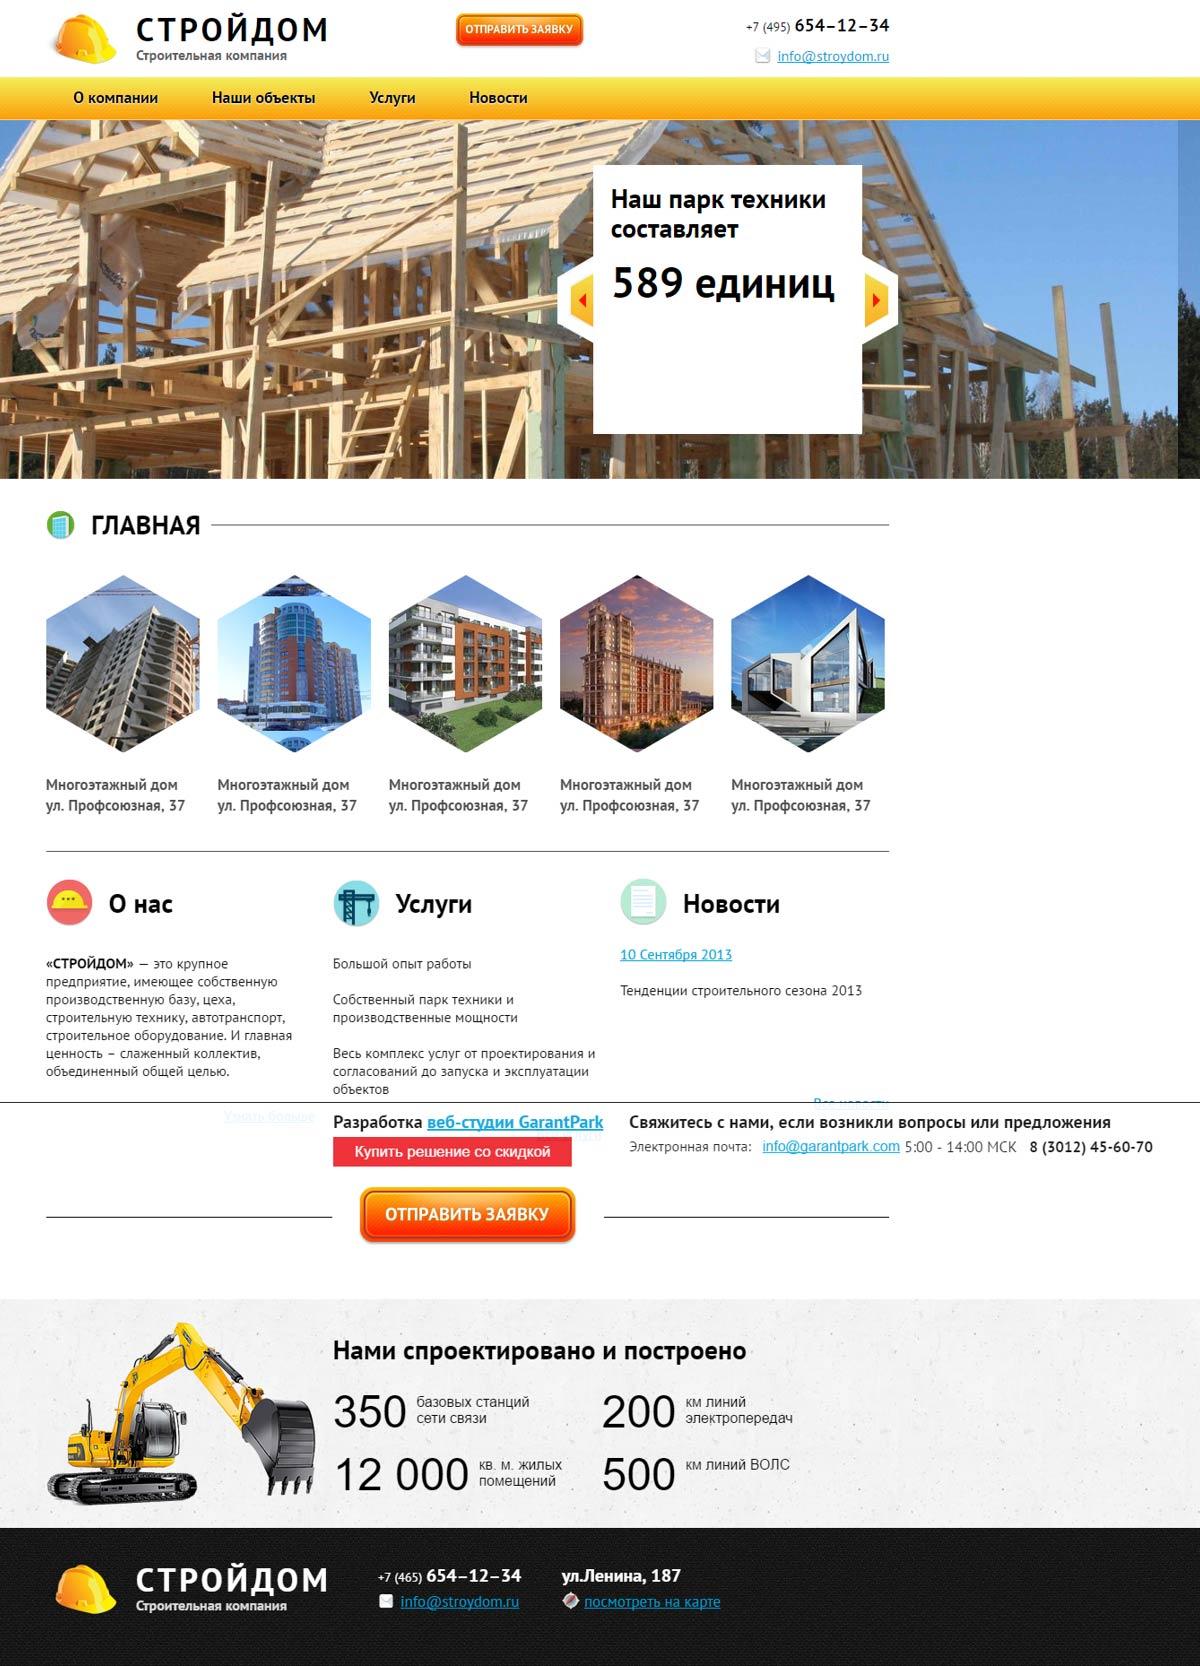 Официальный сайт строительные компании для создания сайт joomla